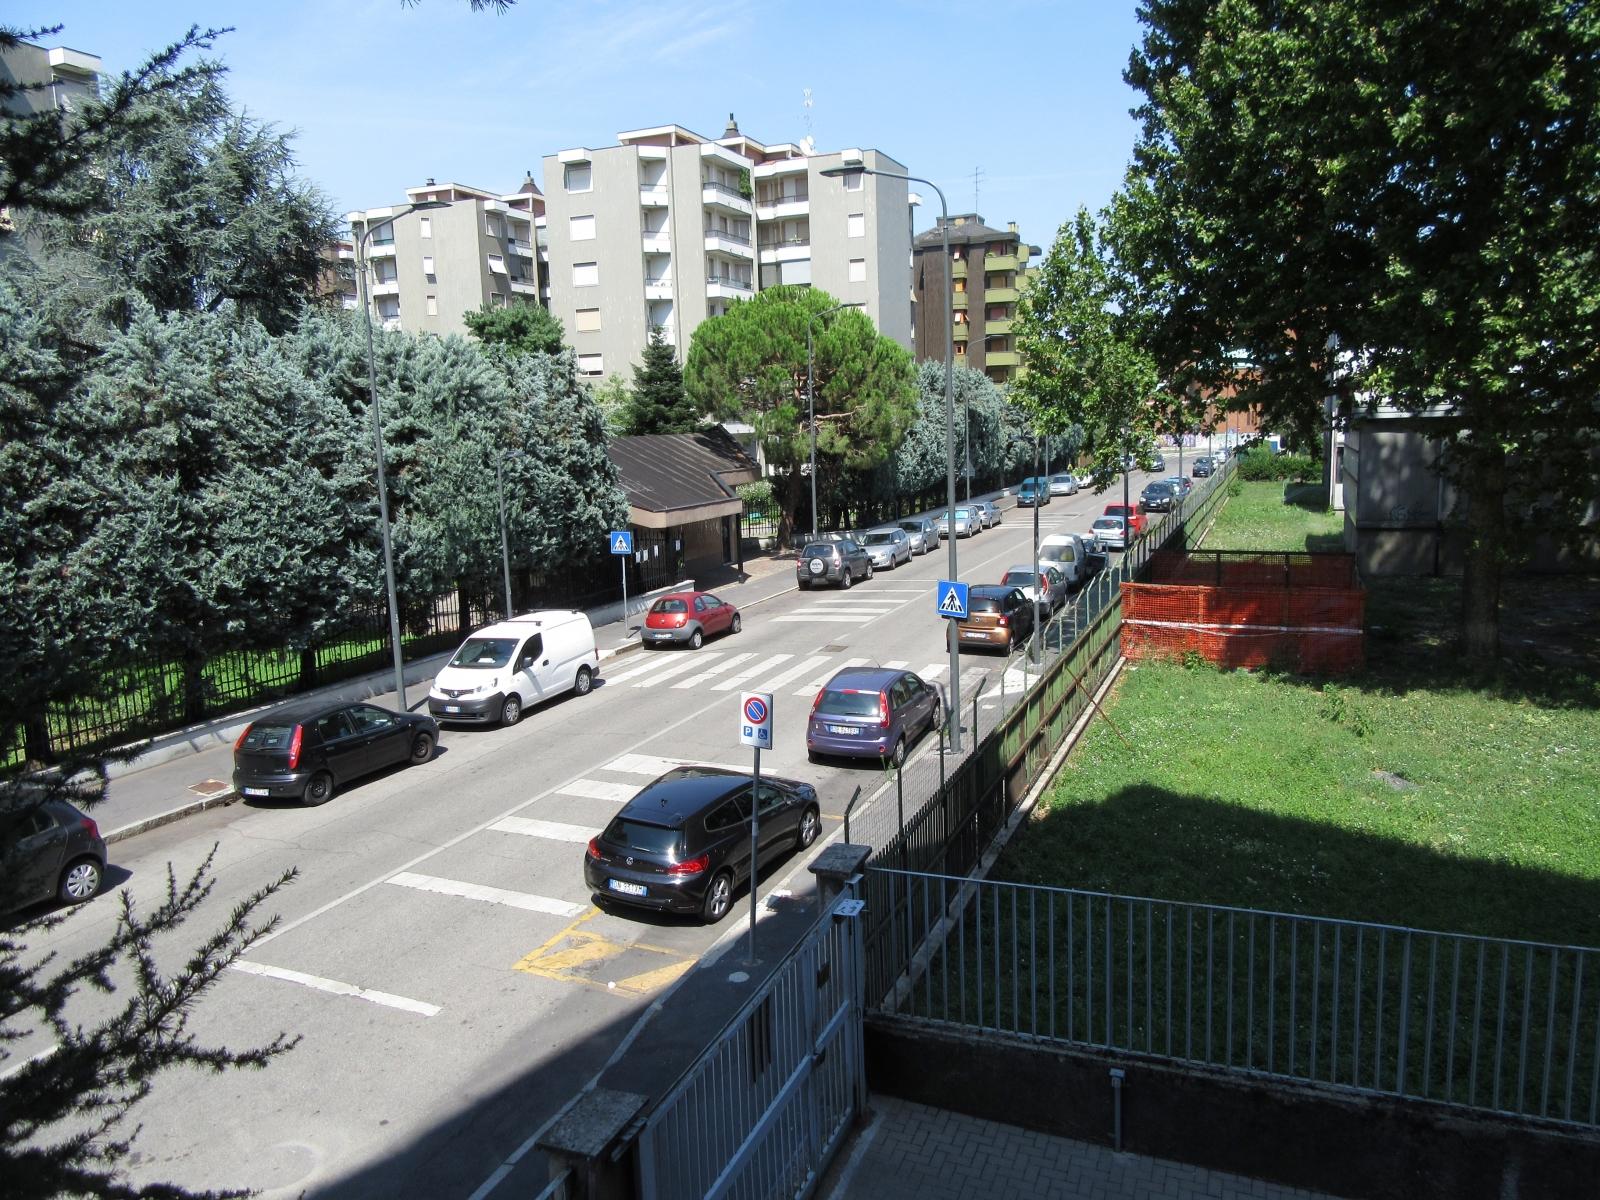 appartemento-baggio-milano-2-locali-bilocale-spaziourbano-immobiliare-vende-2